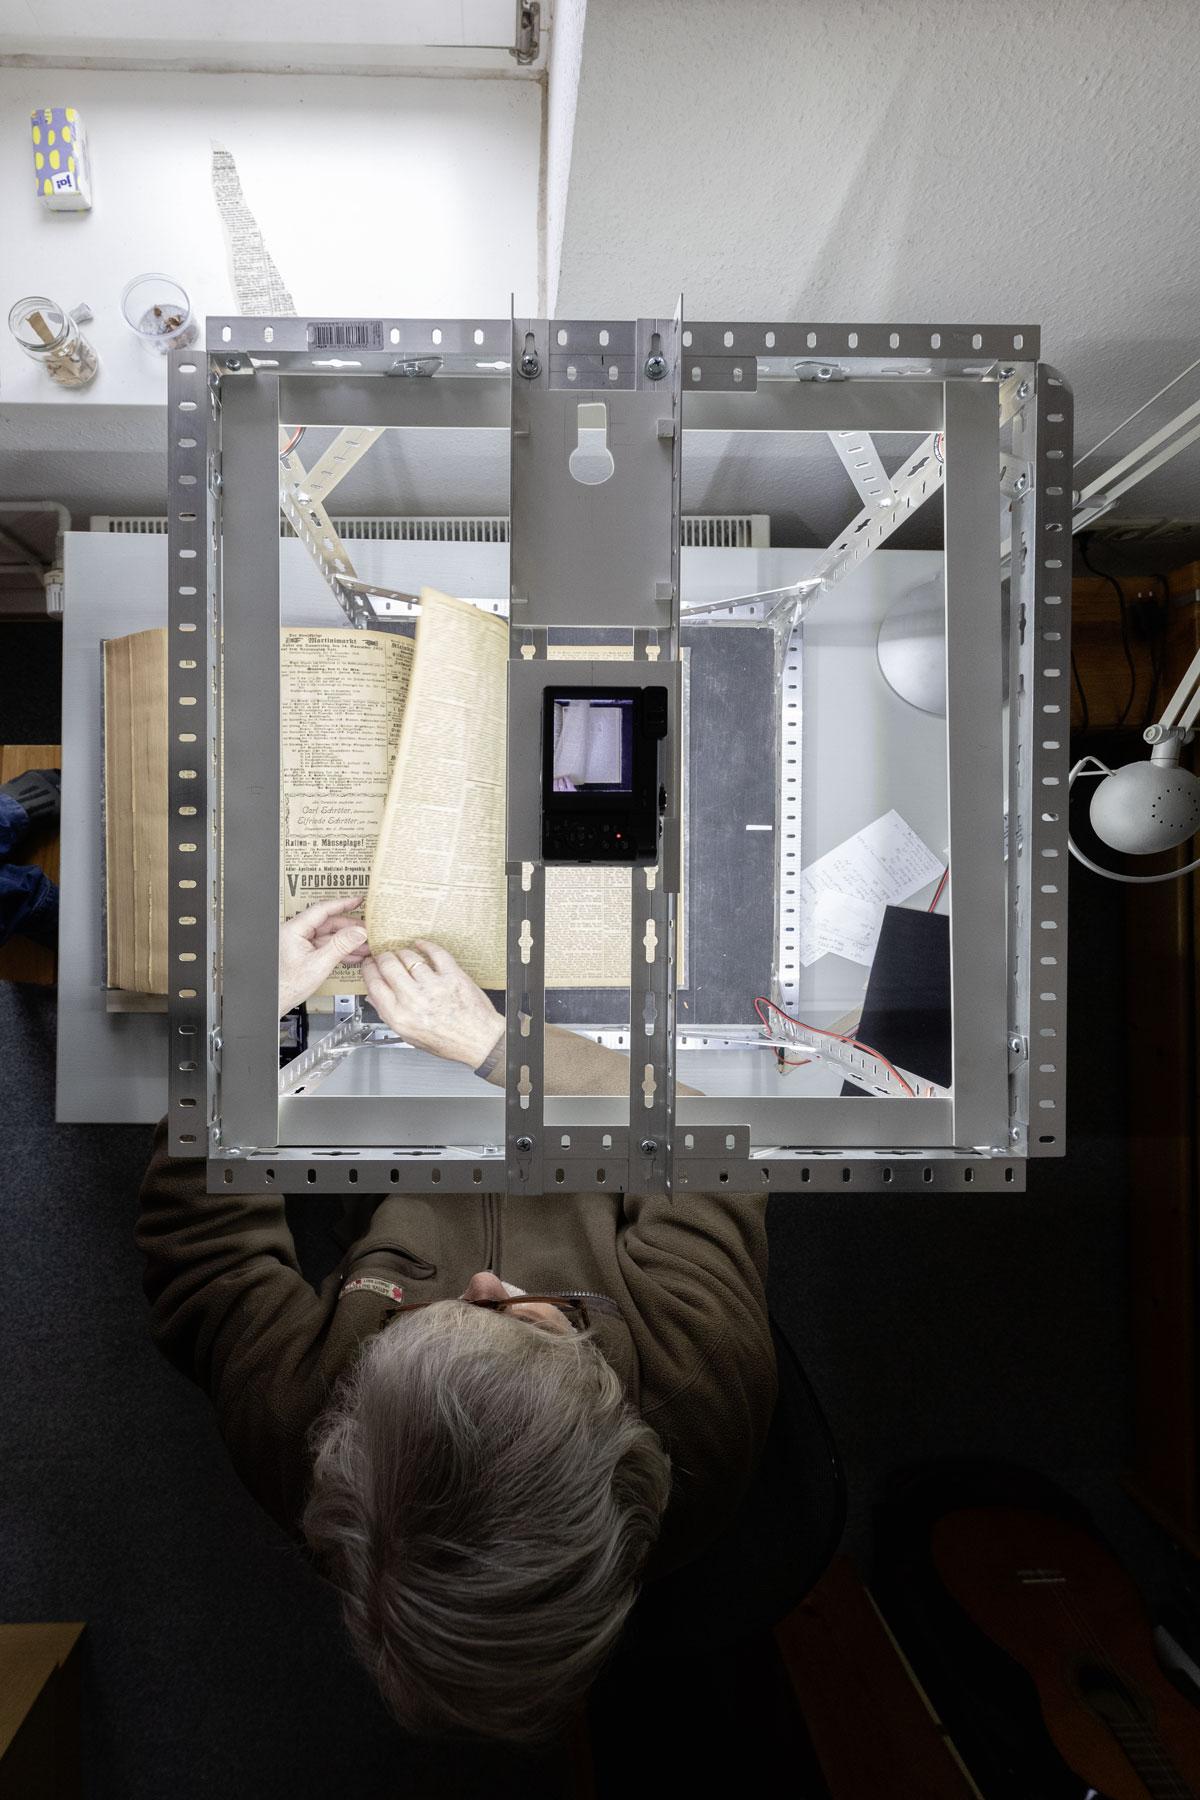 Die Zeitungsseiten sind behutsam anzufassen. Digitalisierung schützt sie vor dem Zefall durch Chlorfraß. Die Kamera wird vom Smartphone aus gesteuert. Foto: Matthias Behne